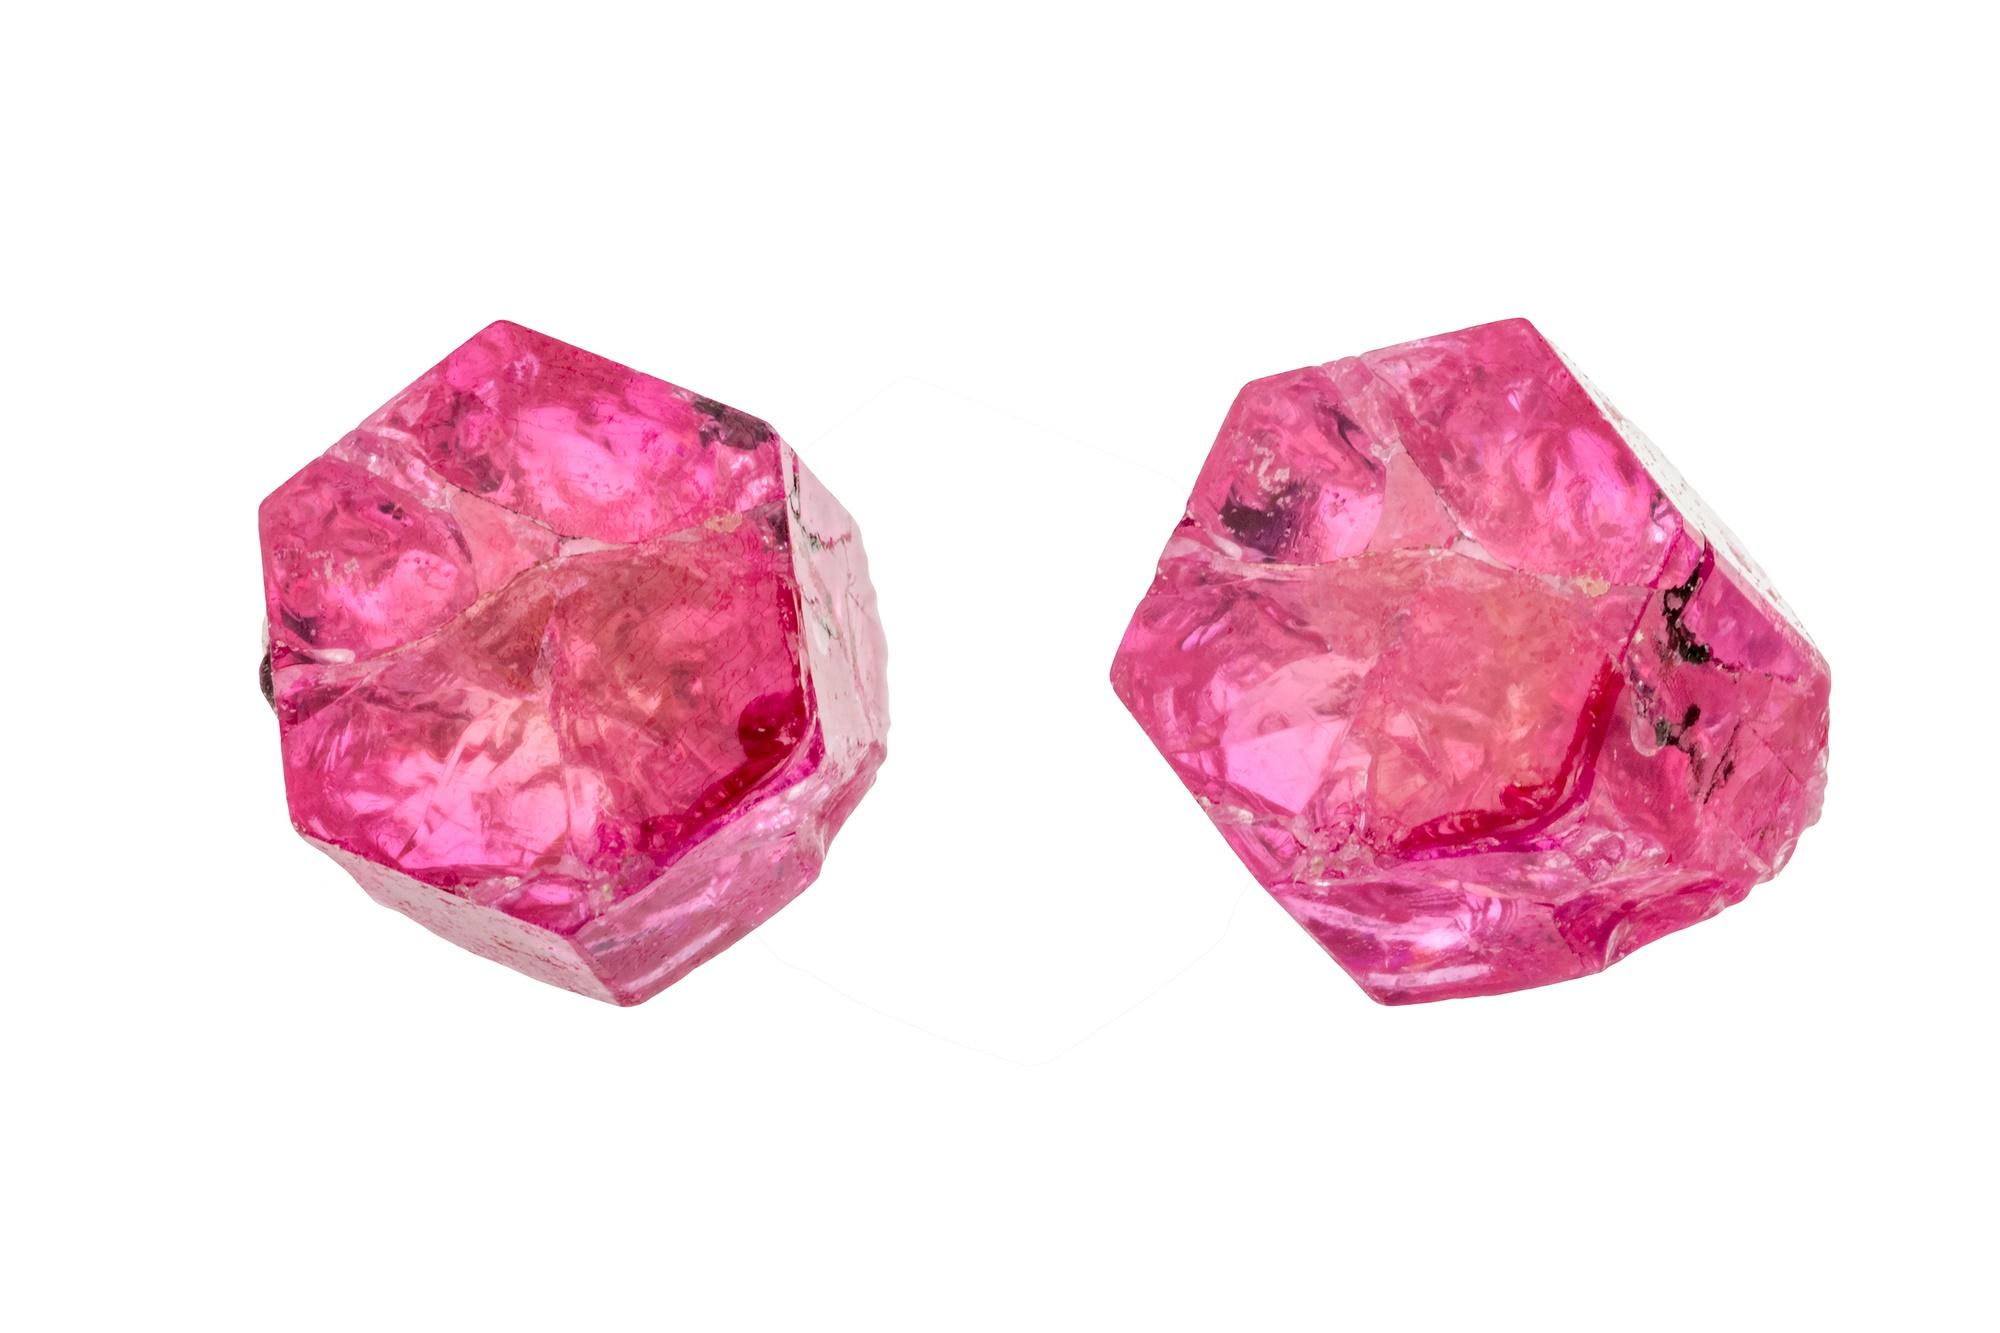 """גבישים טבעיים באיכות גבוהה של ביקסבייט, בריל אדומה. התמונה ממאגר """"דפוזיט"""" From """"Deposit"""" Photos"""